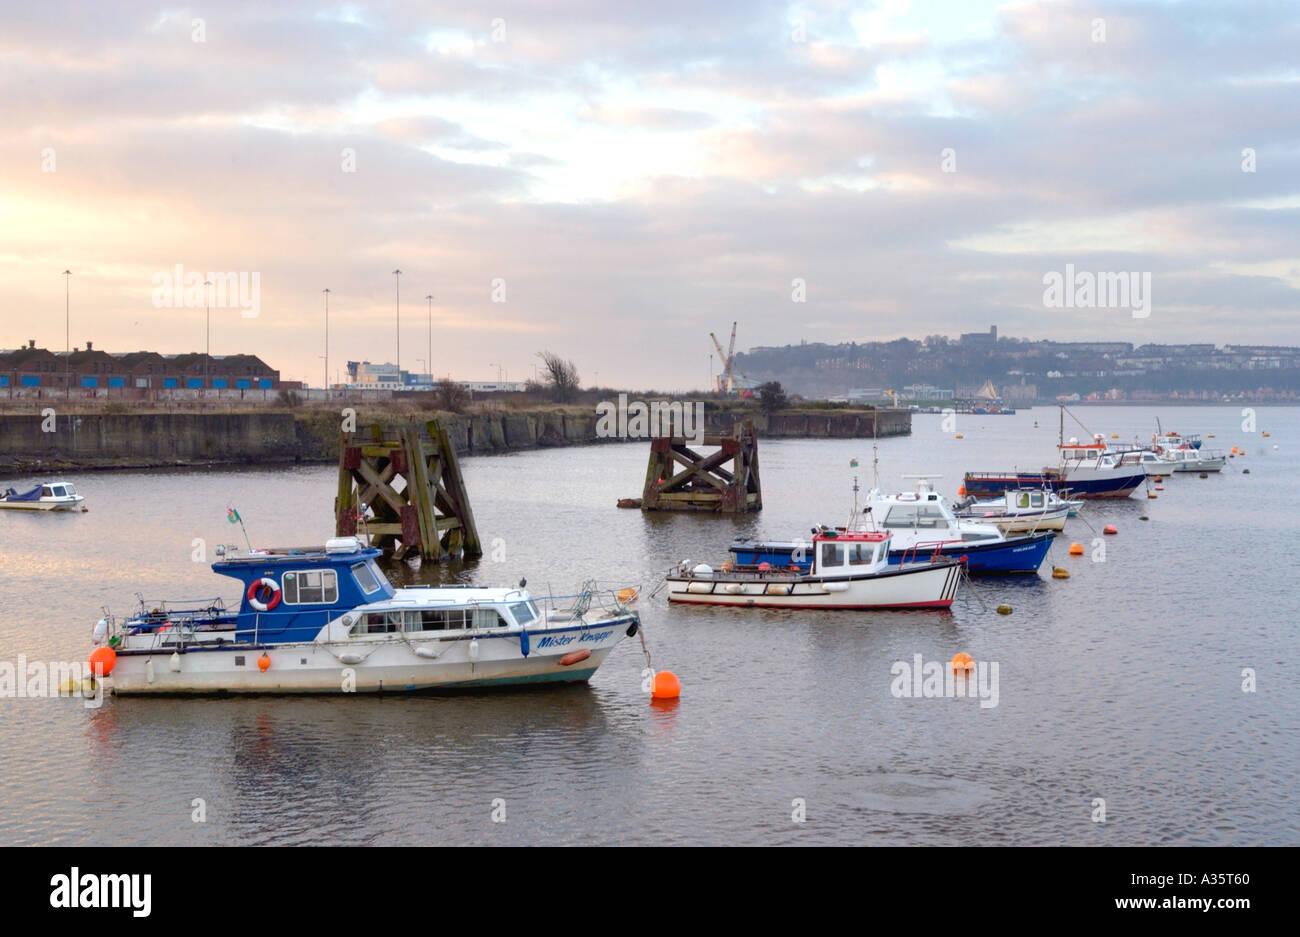 Pesca costiera imbarcazioni al ormeggi nella luce del mattino per la Baia di Cardiff South Wales UK Immagini Stock